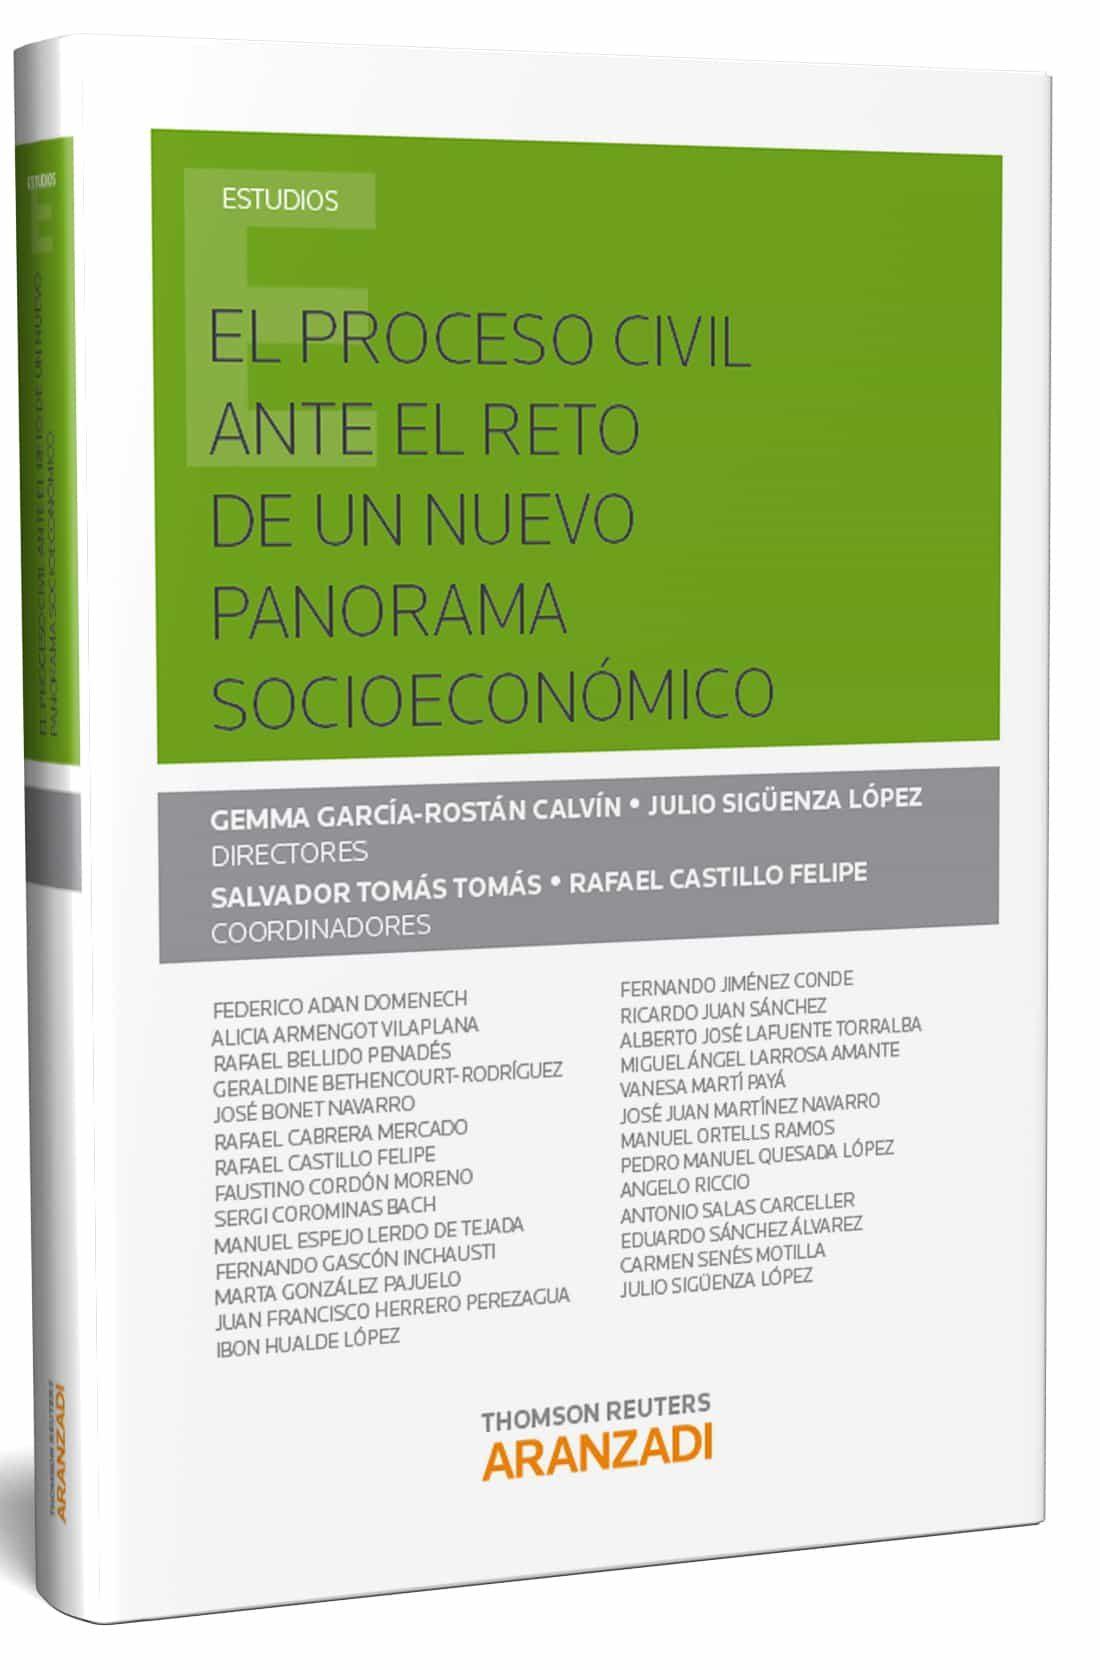 El Proceso Civil Ante El Reto De Un Nuevo Panorama Socioeconómico - García-rstán Calvín Gema